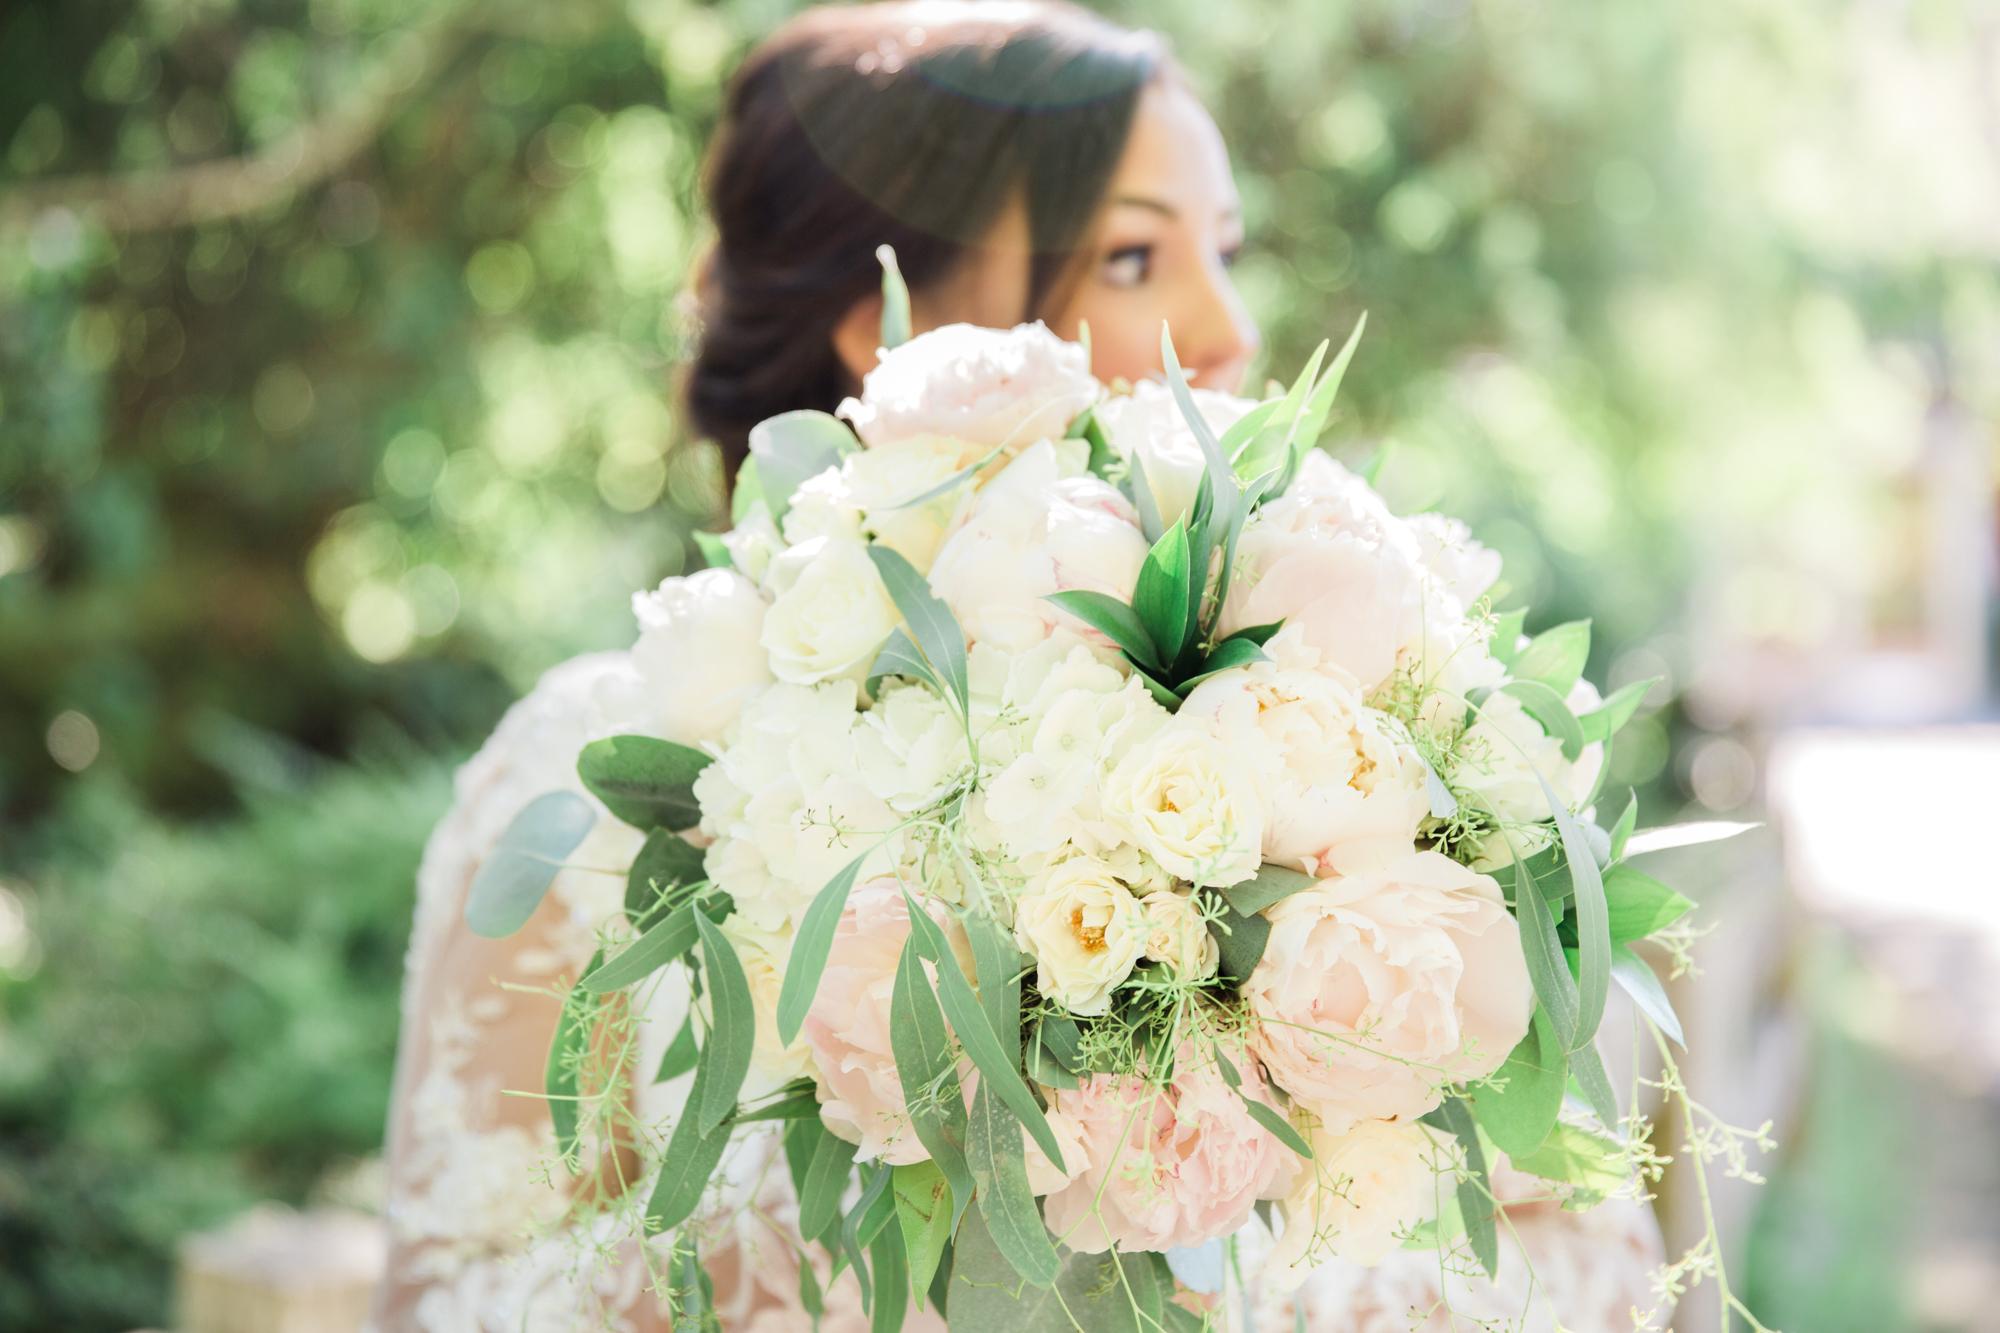 Eden&MePhoto|Bouquet|Lexi&Jacob